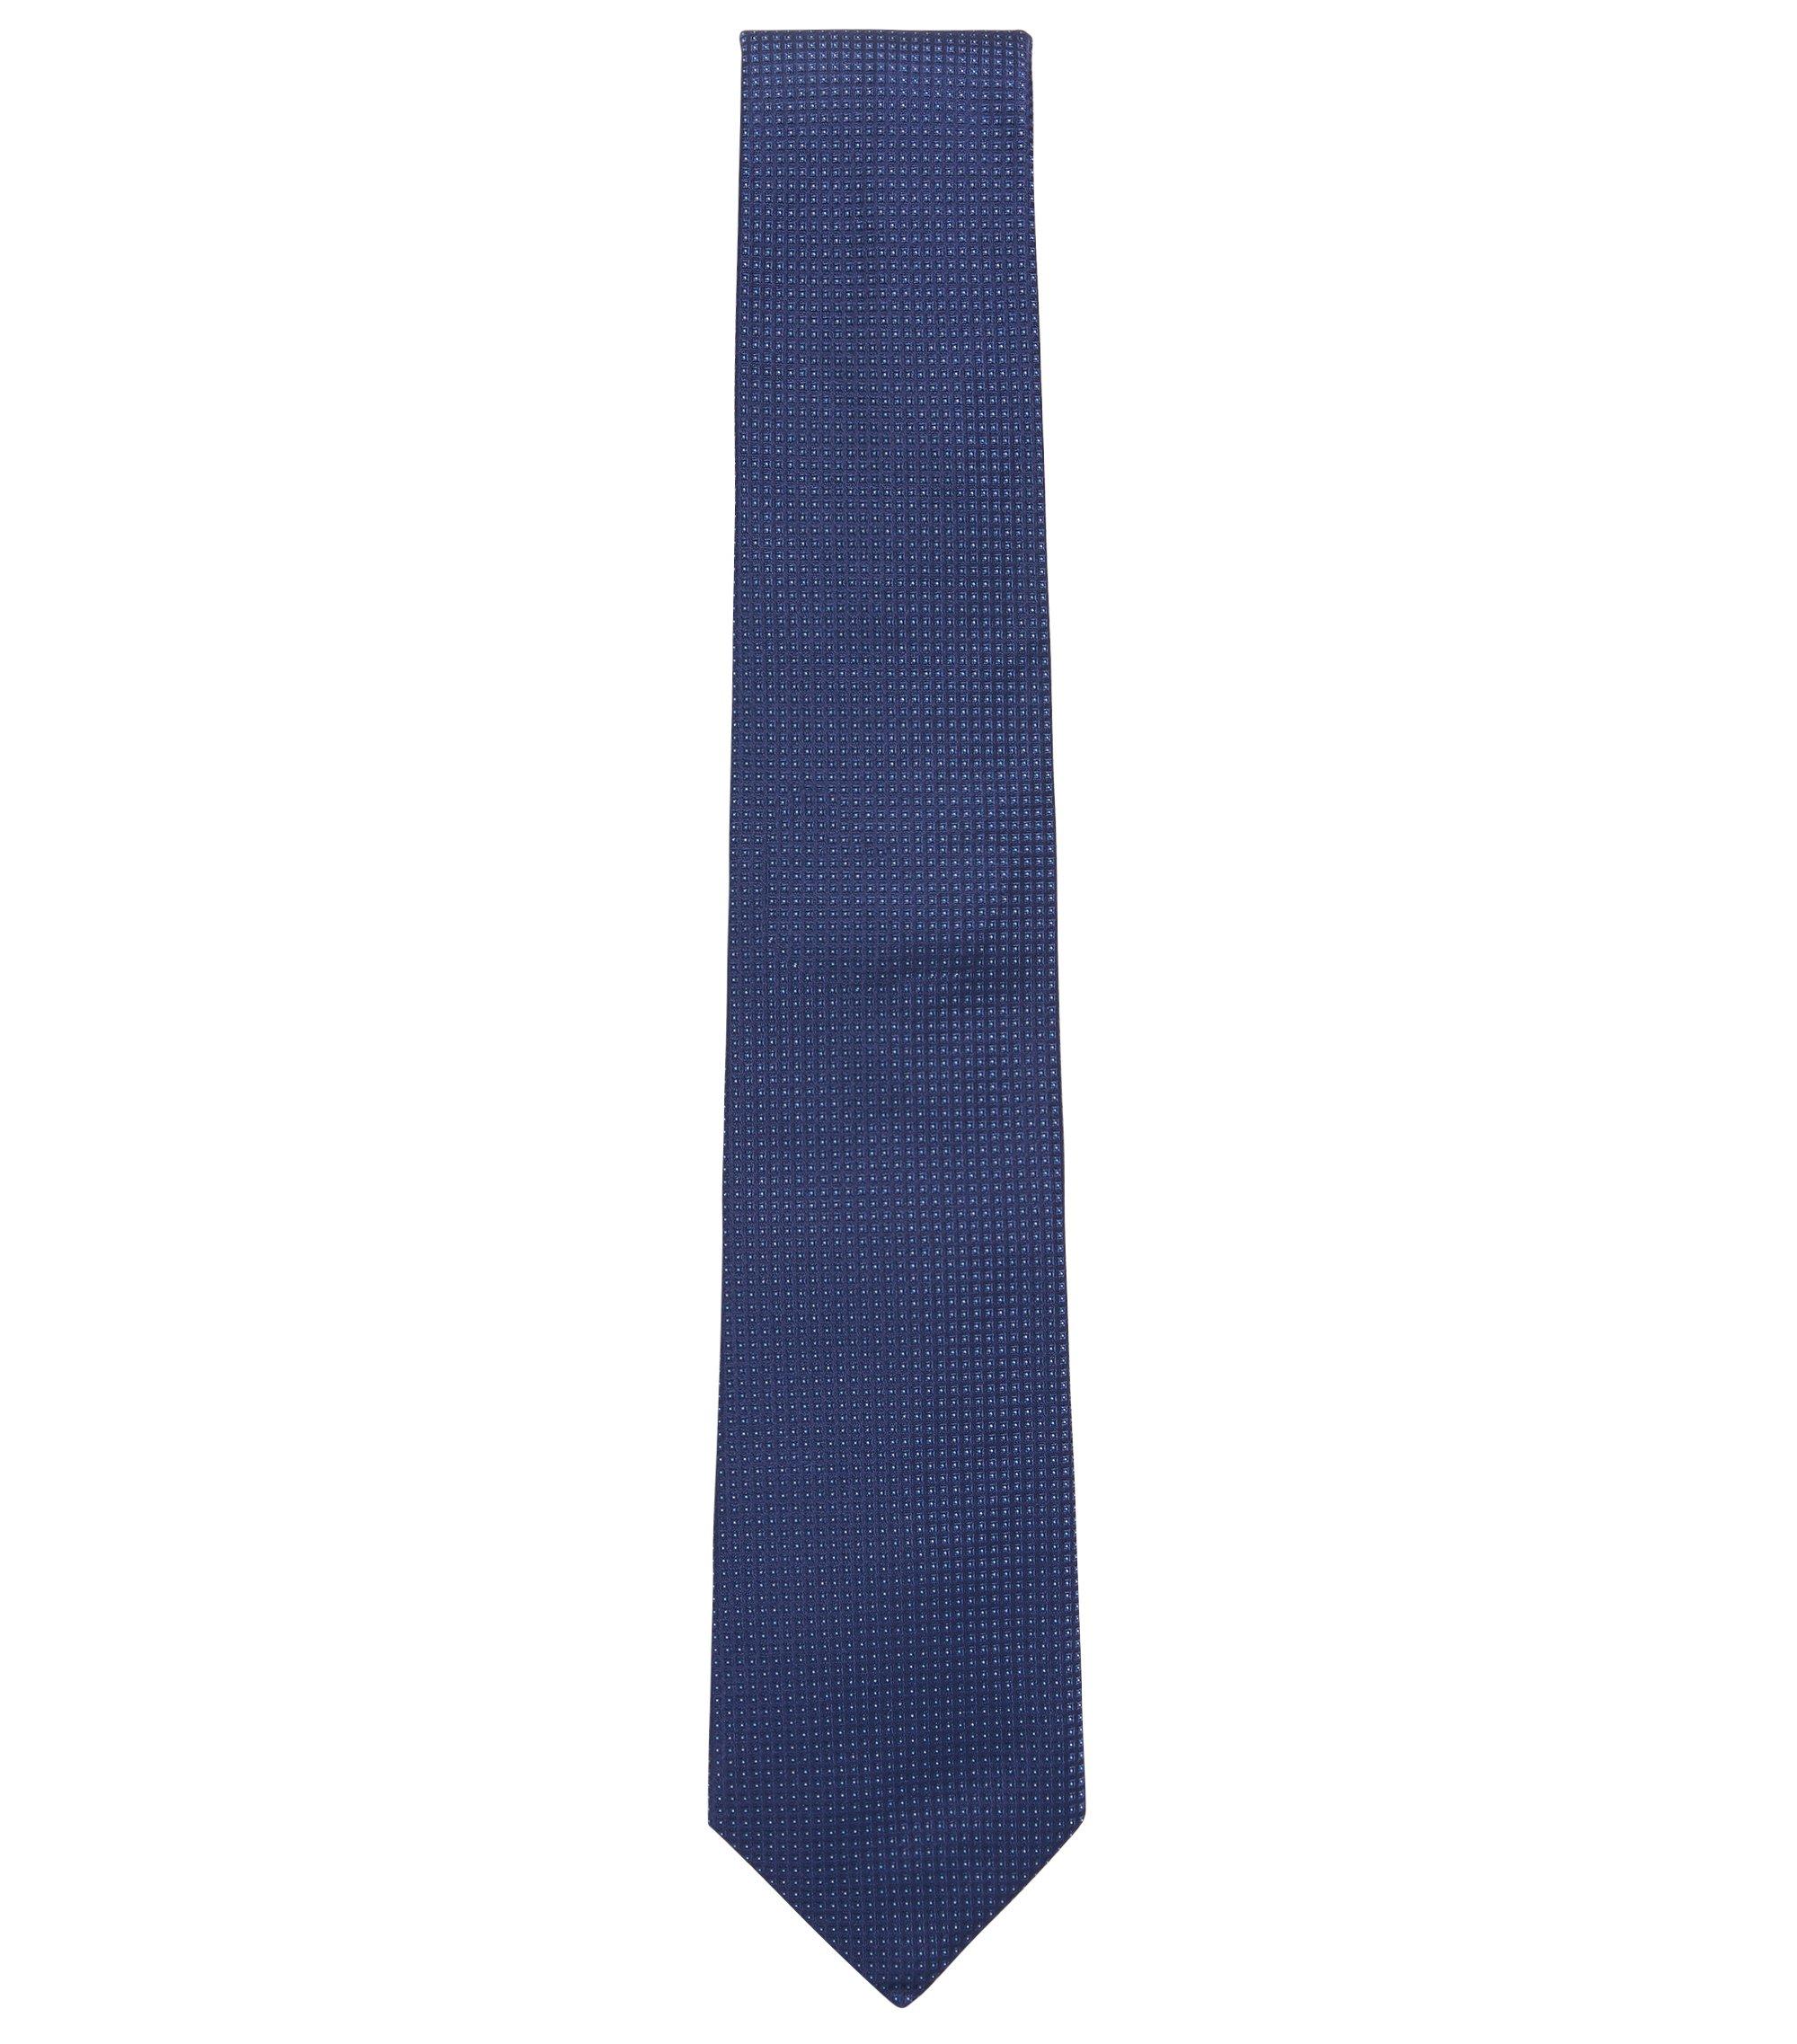 Cravatta in jacquard di seta con microdisegni, Blu scuro